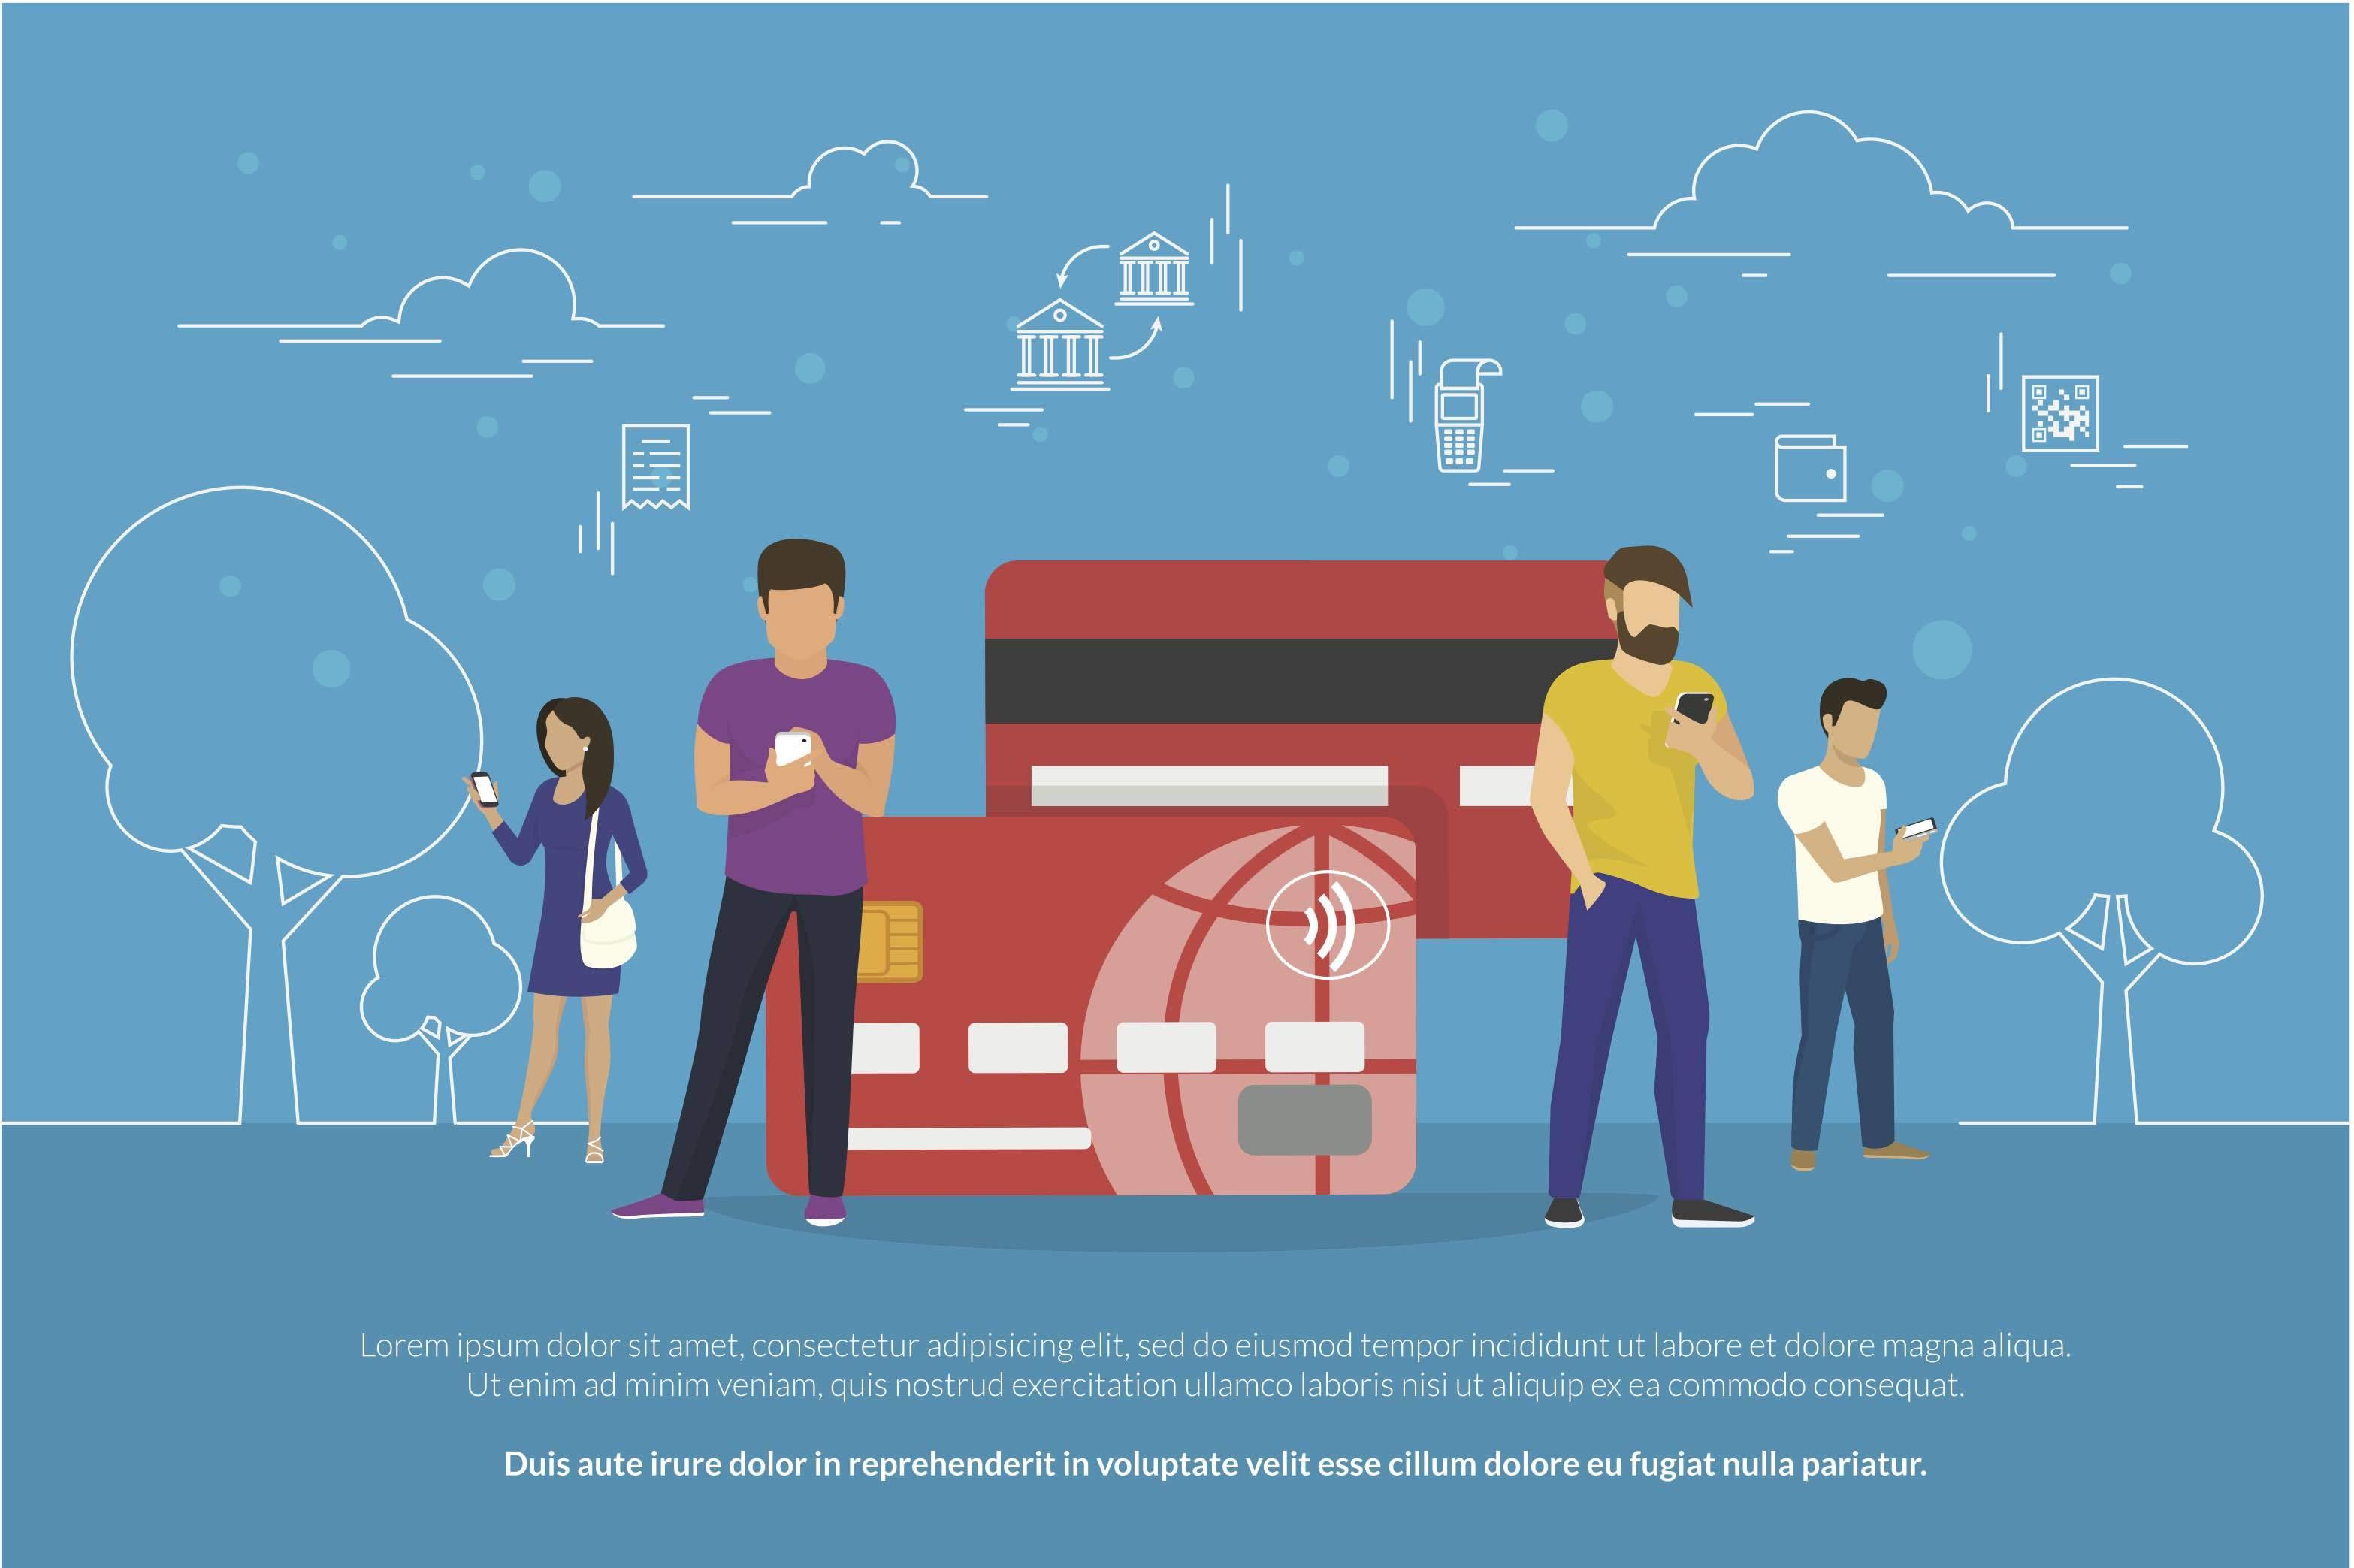 商業突破|奇摩推出無卡分期購,正中年輕消費者胃口